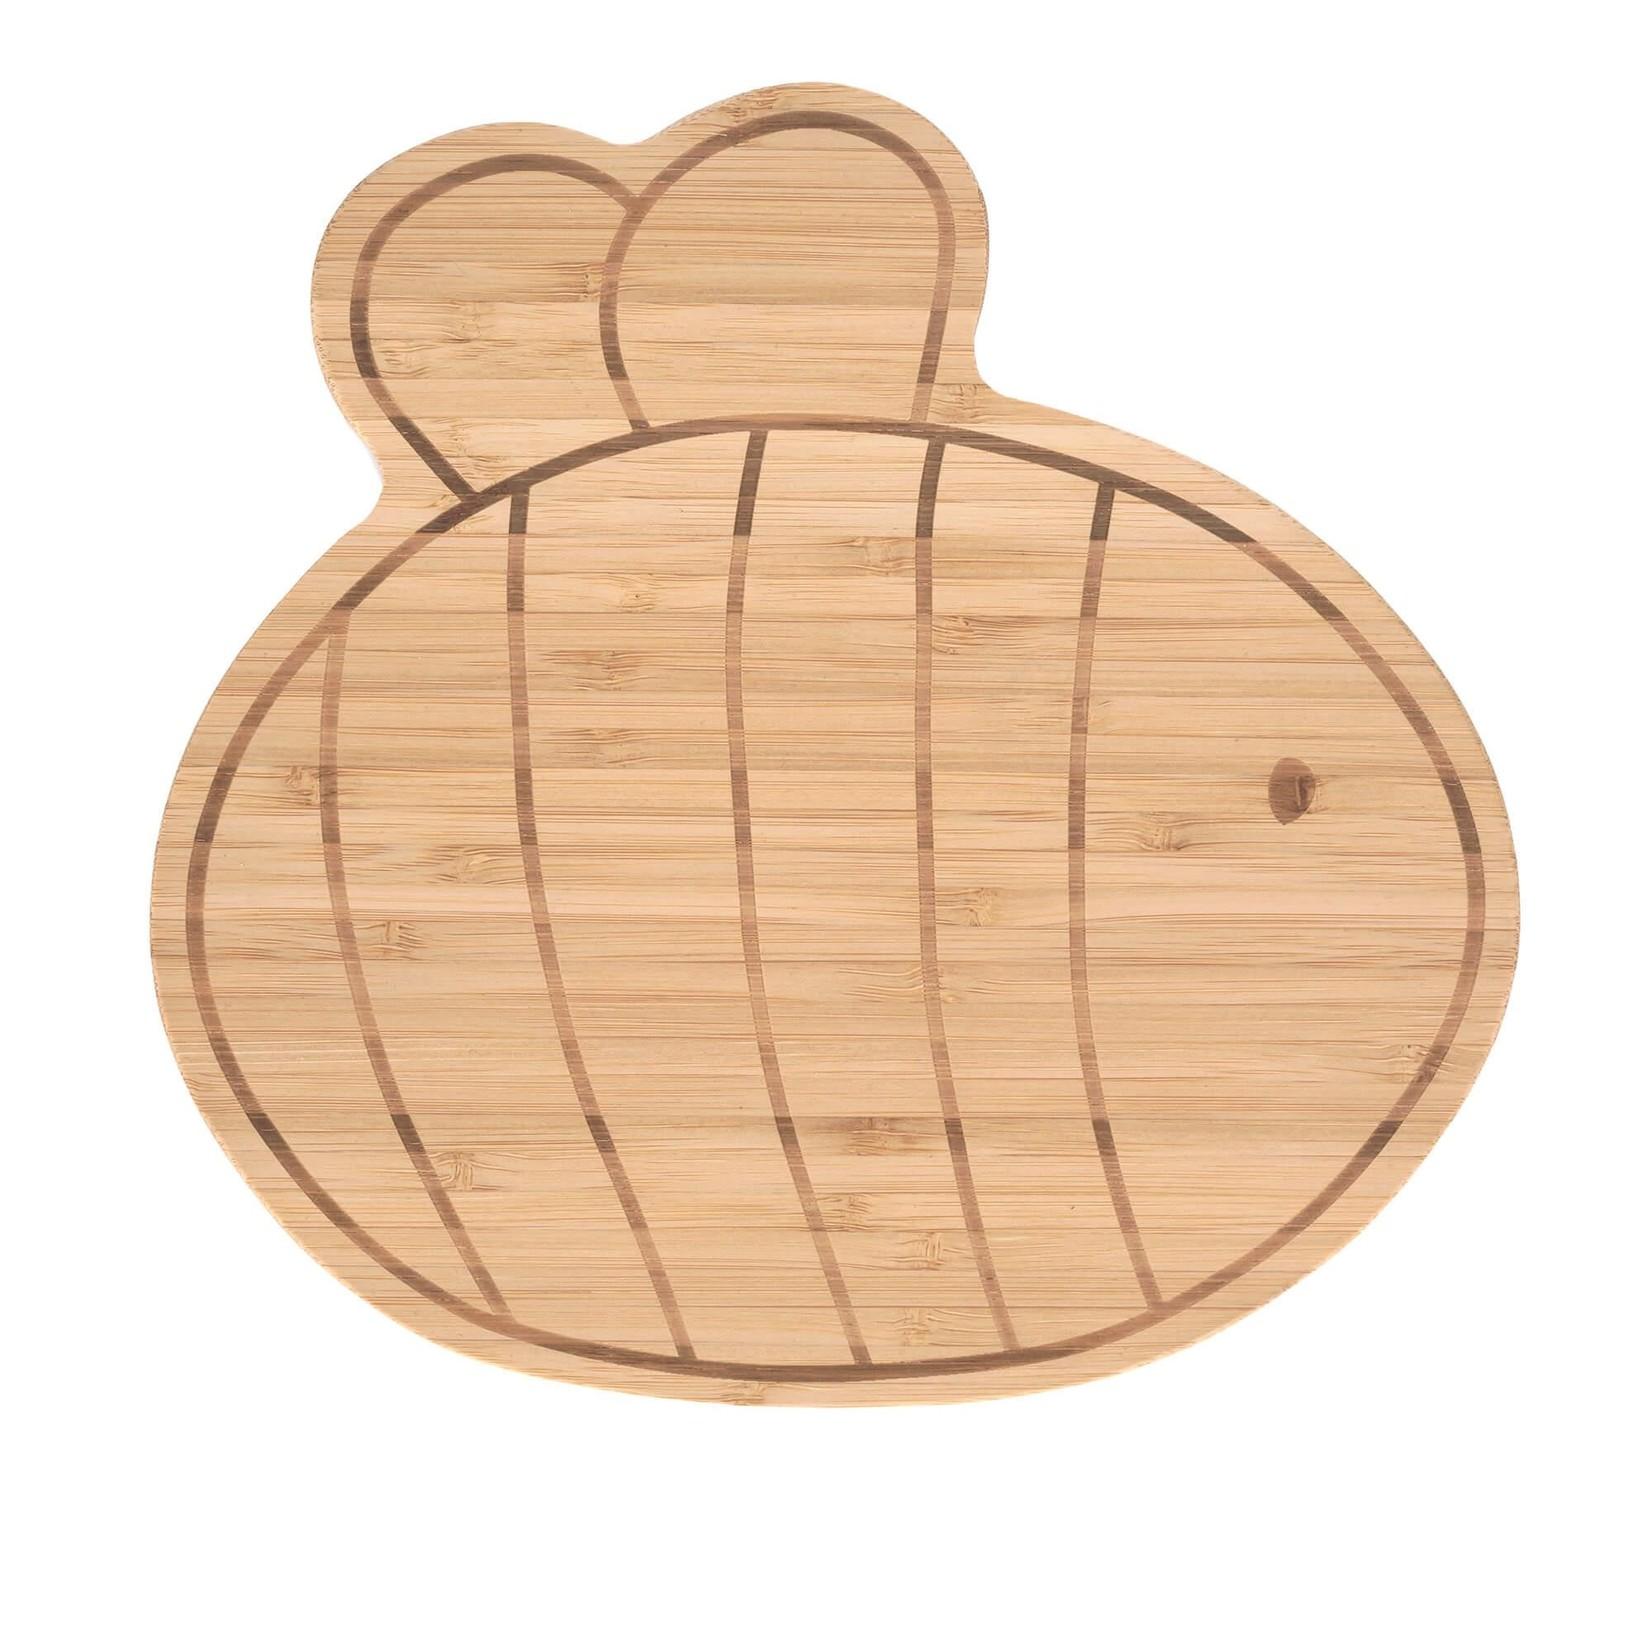 Lässig Lässig Ontbijtplankje Bamboo/Hout Garden Explorer Bee